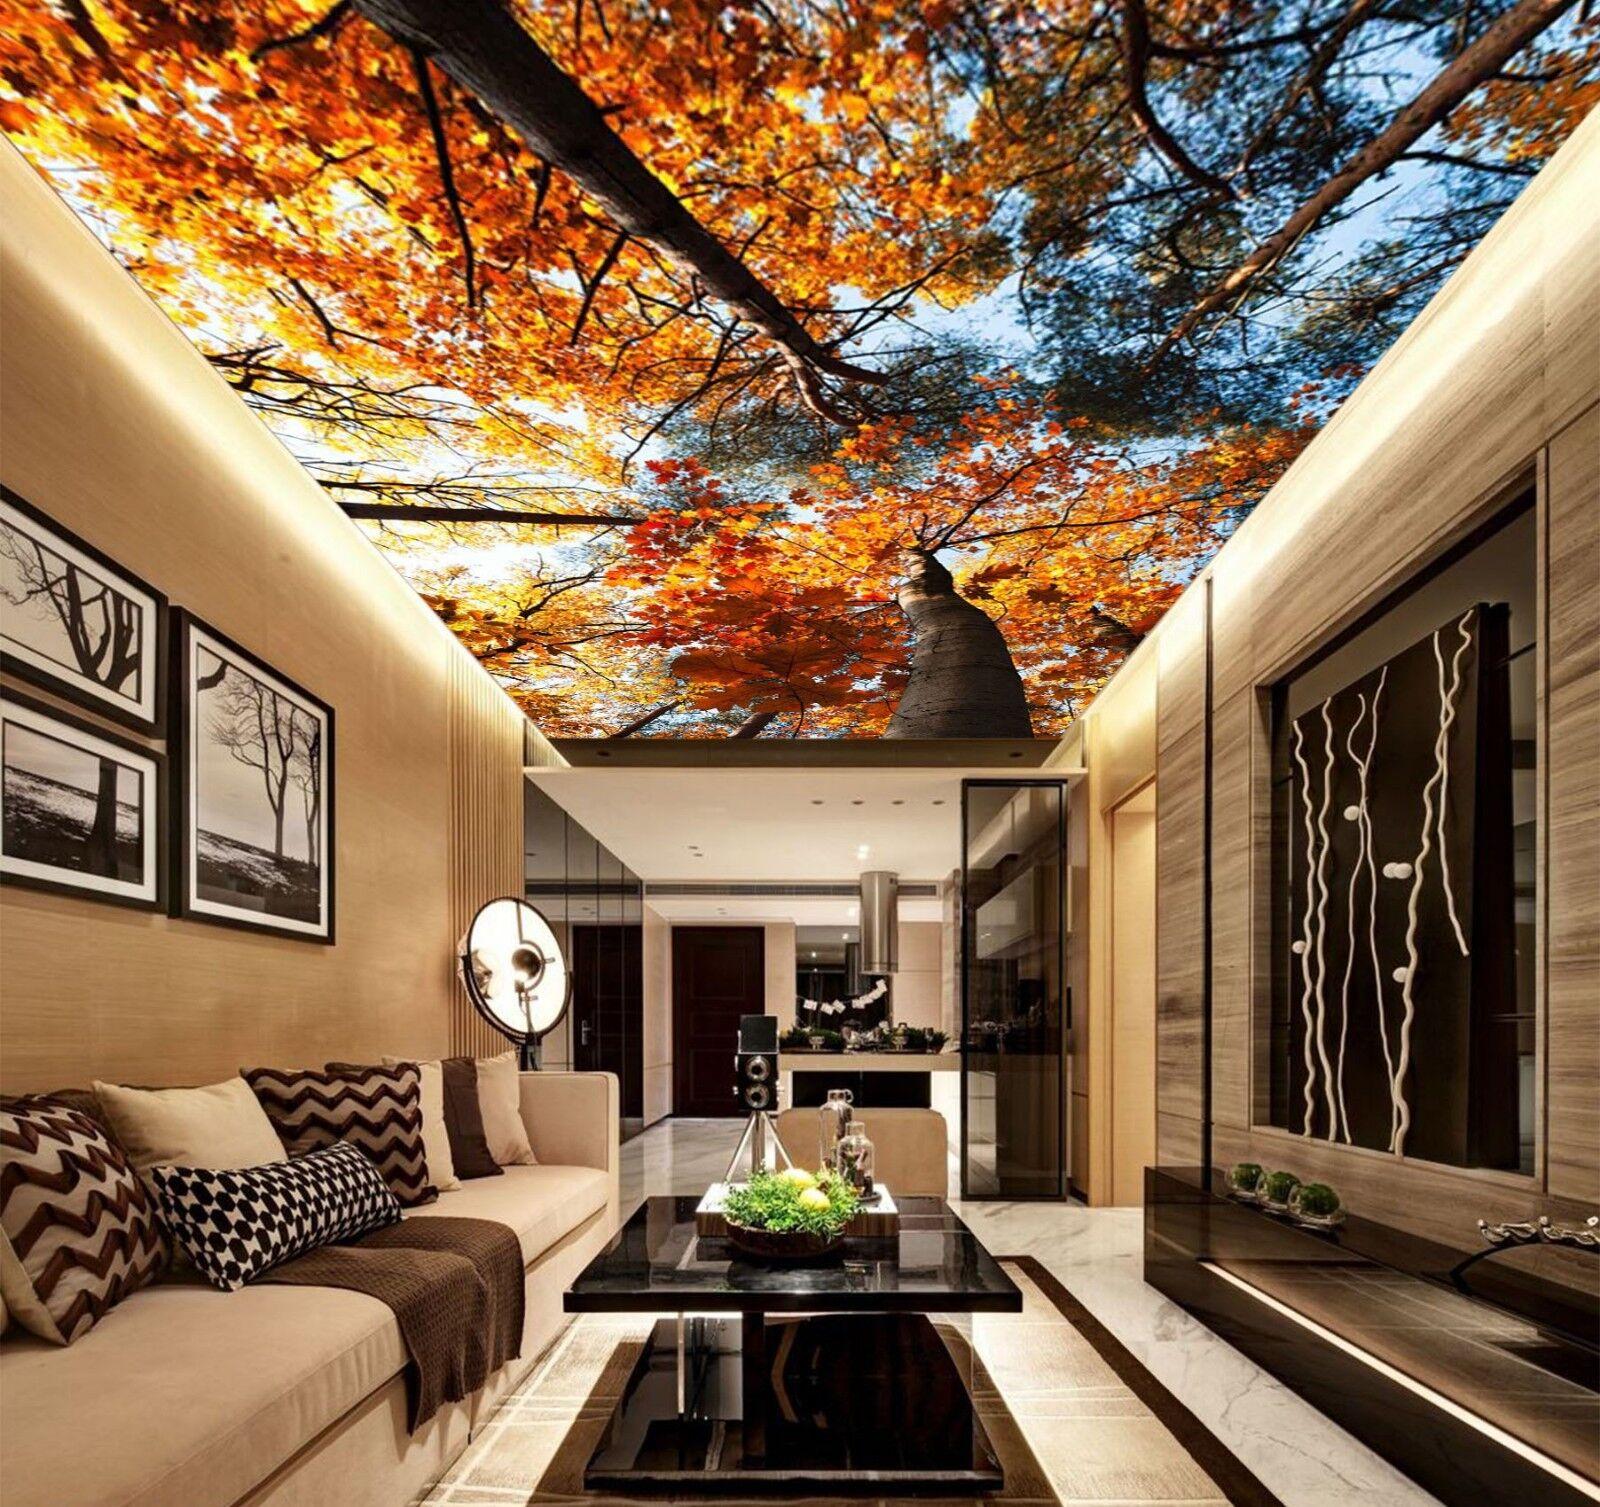 3D Orange Tree Leaf 8 Wall Paper Wall Print Decal Wall Deco AJ WALLPAPER Summer